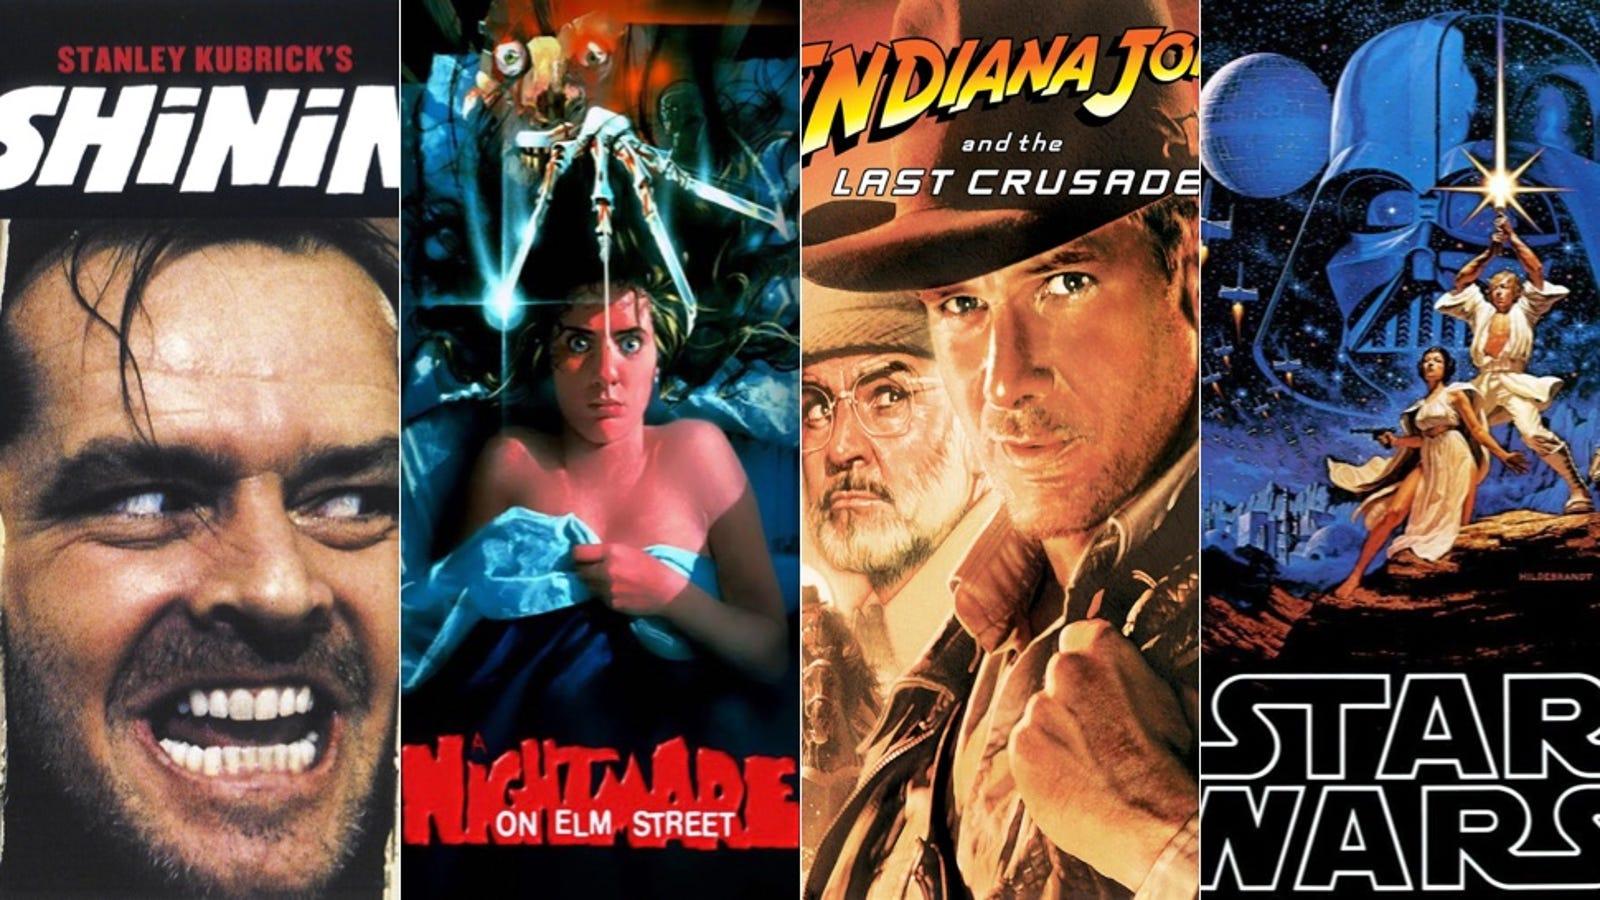 10 películas que están basadas en hechos reales, aunque sea difícil de creer